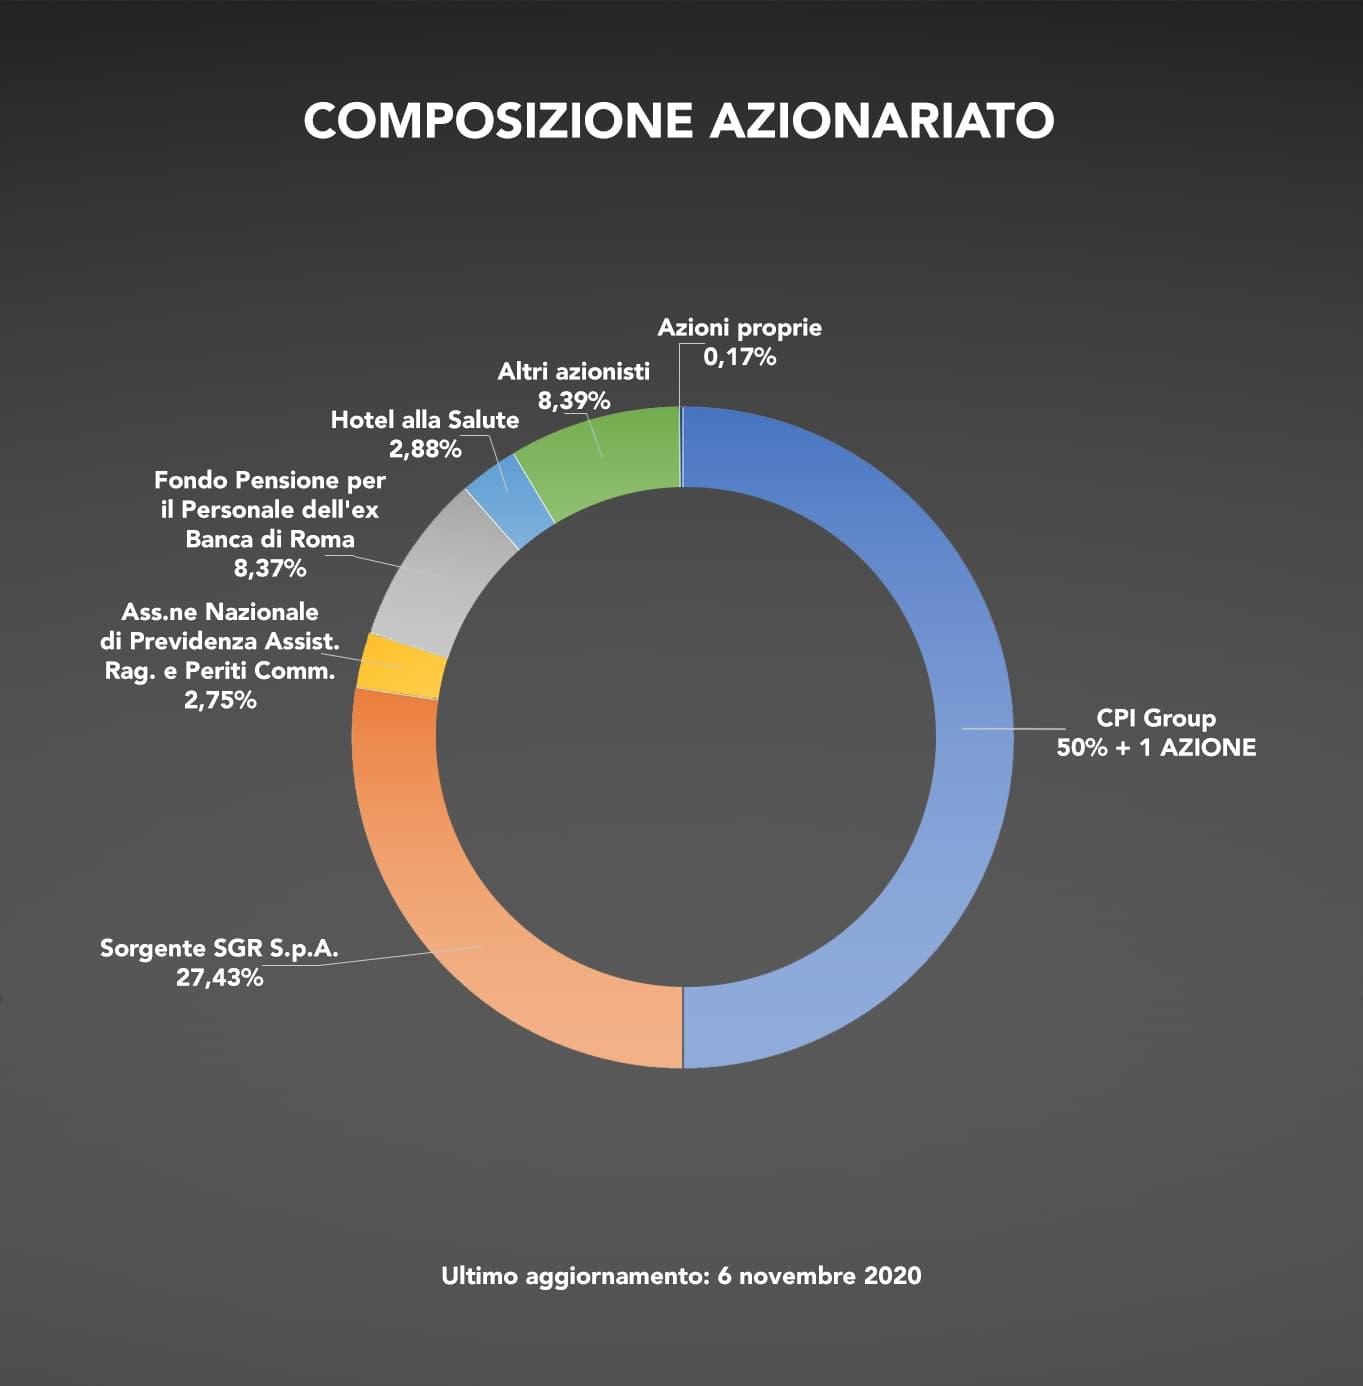 Nova Re SIIQ S.p.A. - Composizione azionariato al 6 novembre 2020